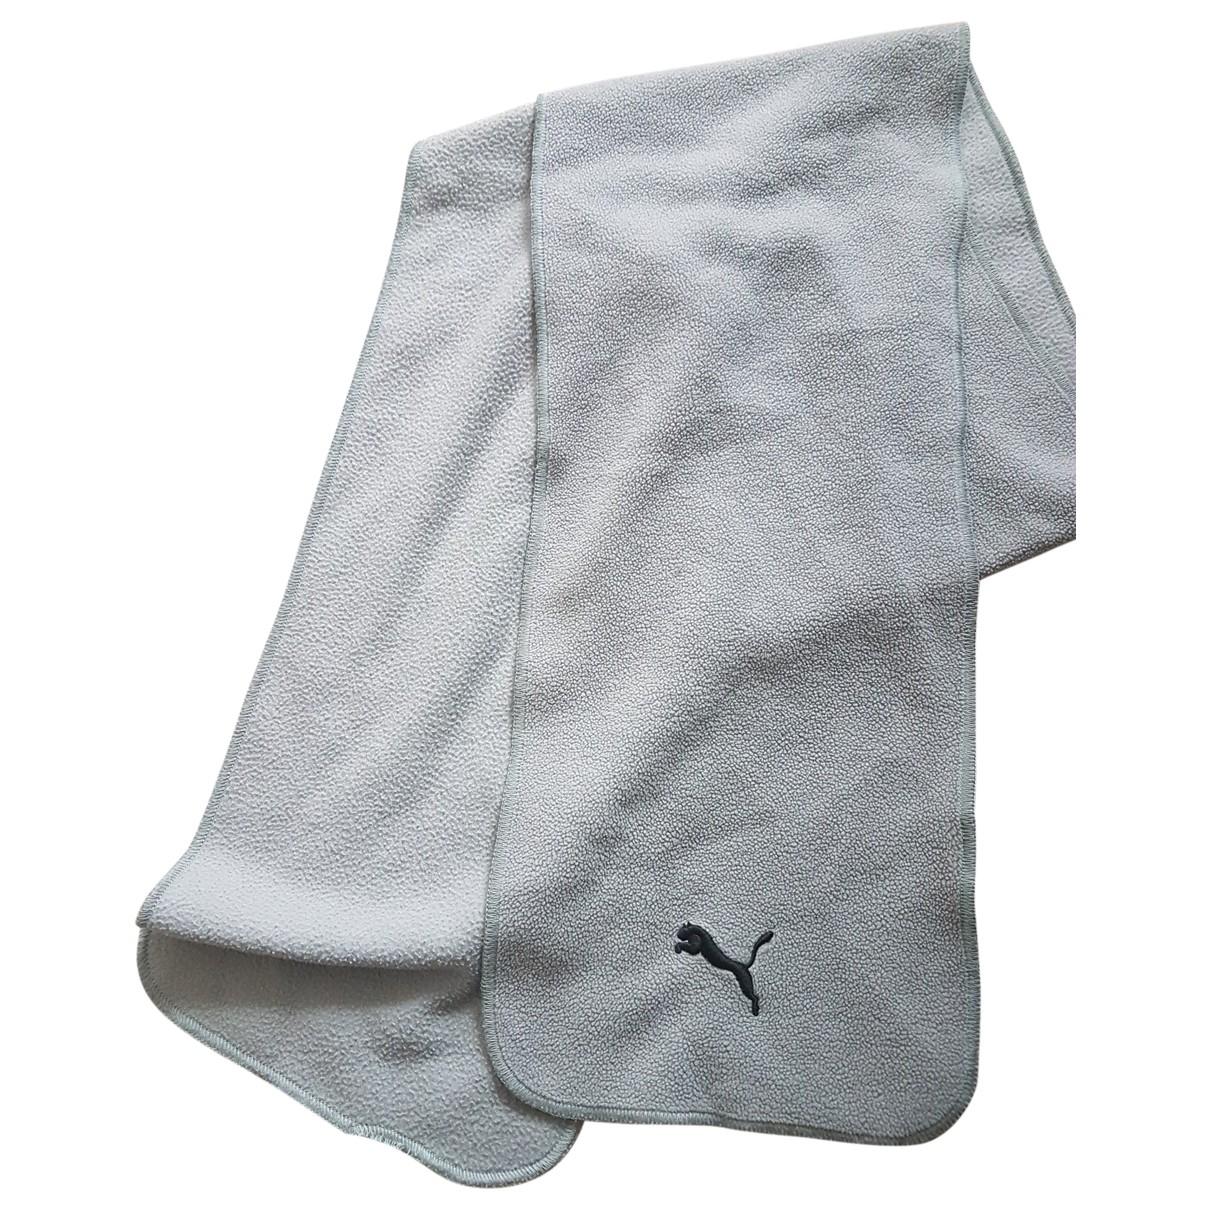 Puma - Cheches.Echarpes   pour homme en coton - gris